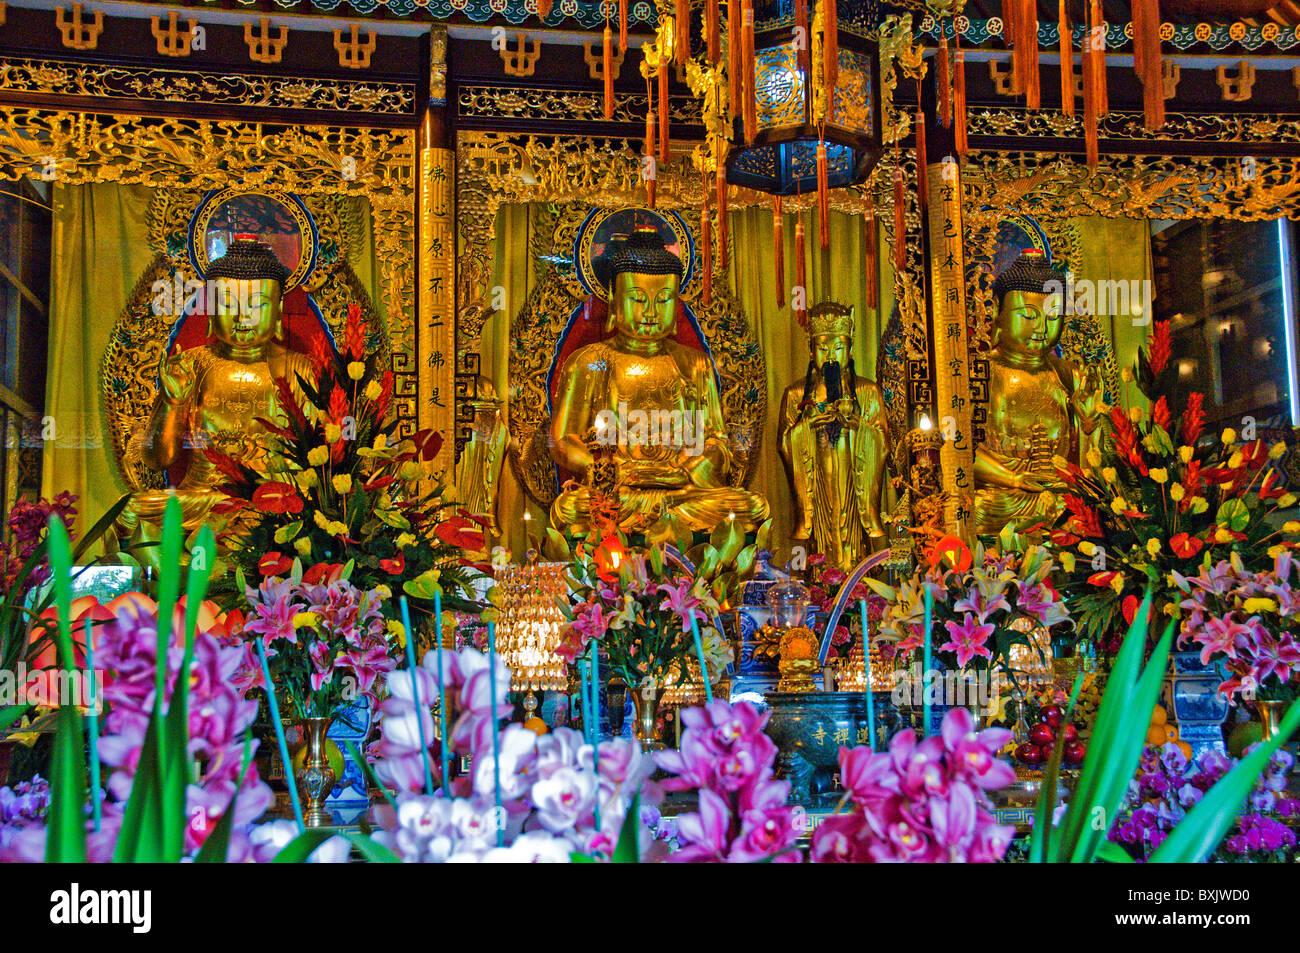 Interior of Po Lin monastery at Ngong Ping Lantau Island Hong Kong China - Stock Image